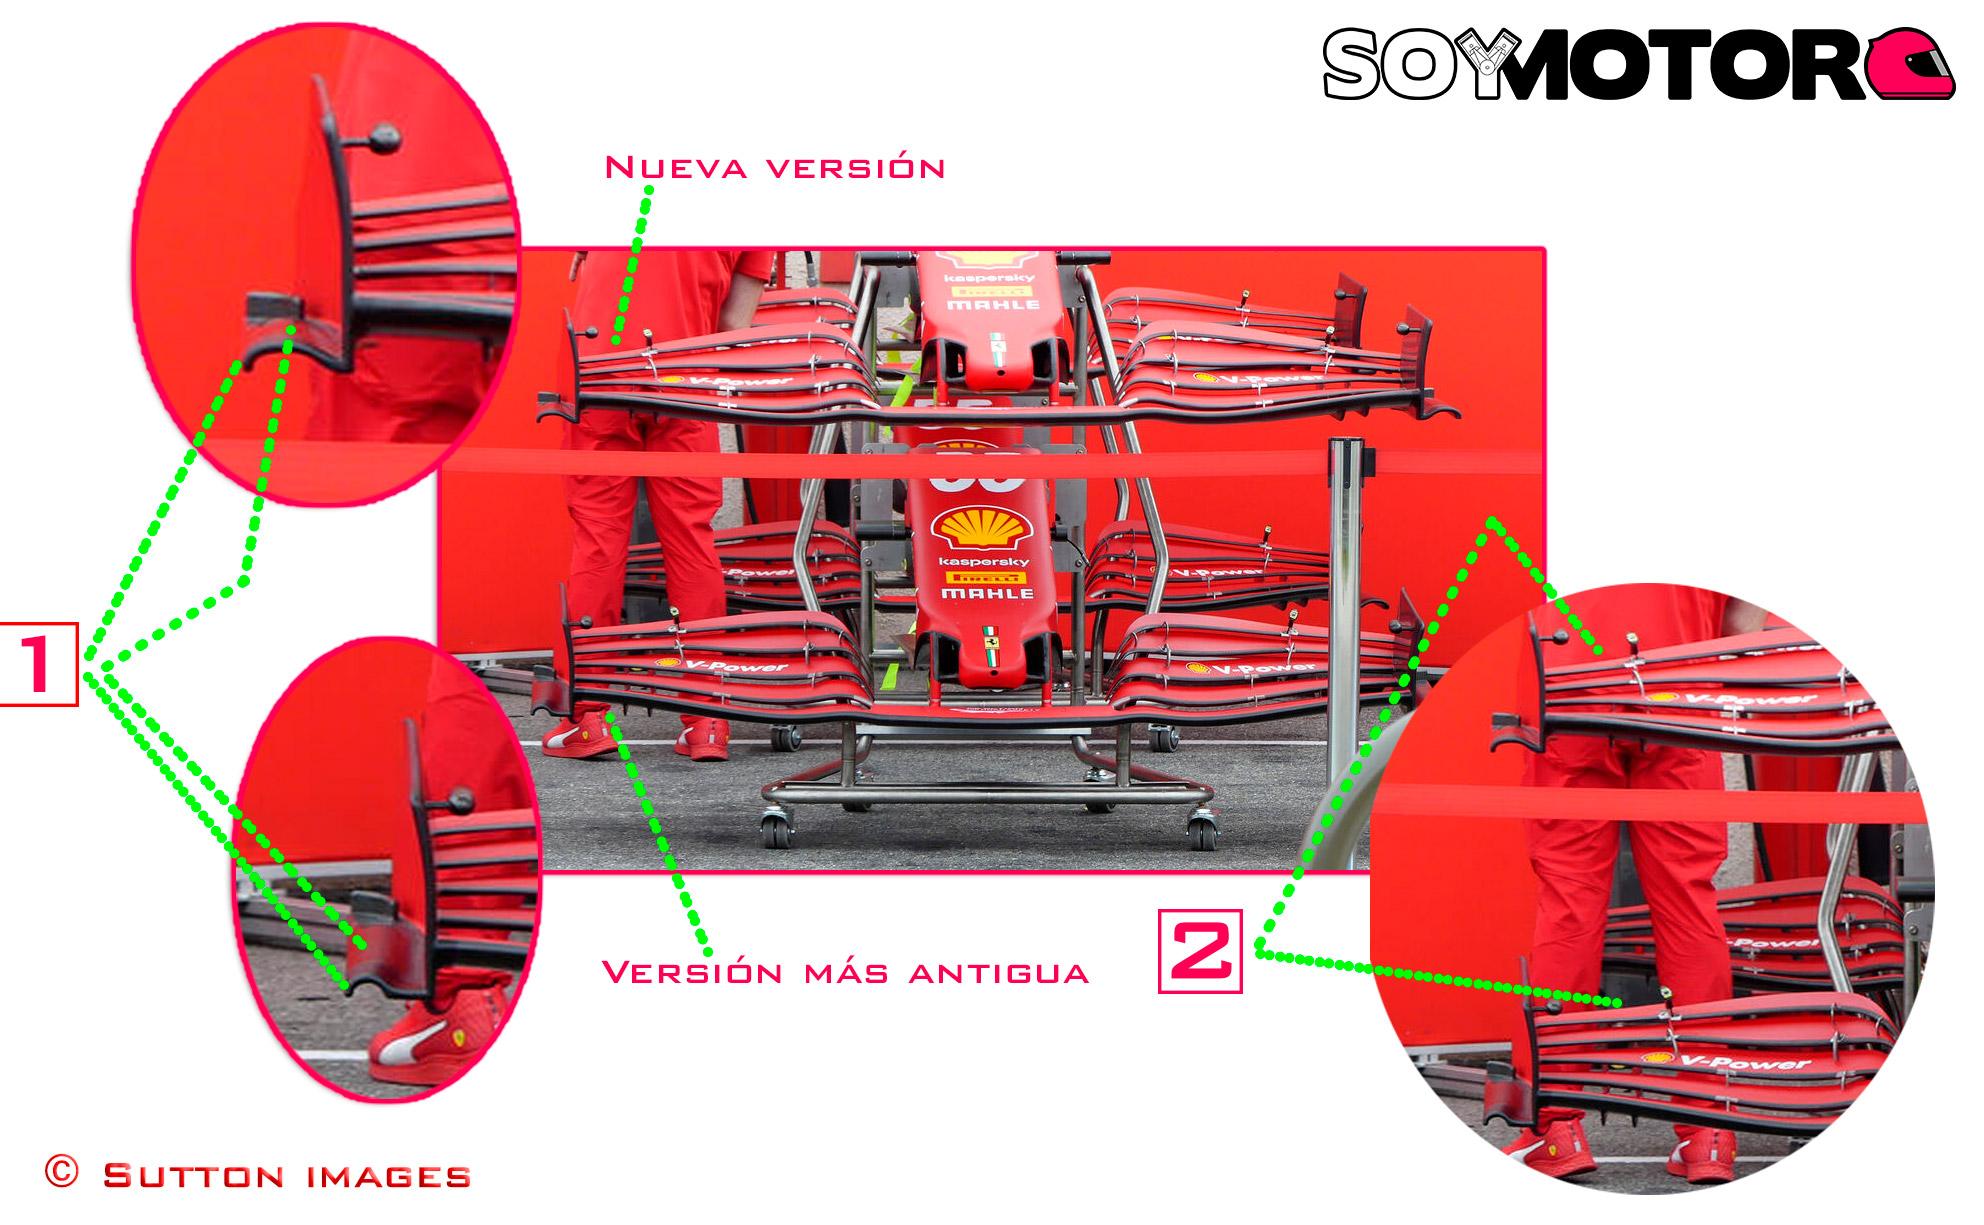 ferrari-nueva-ala-delantera-soymotor_0.jpg